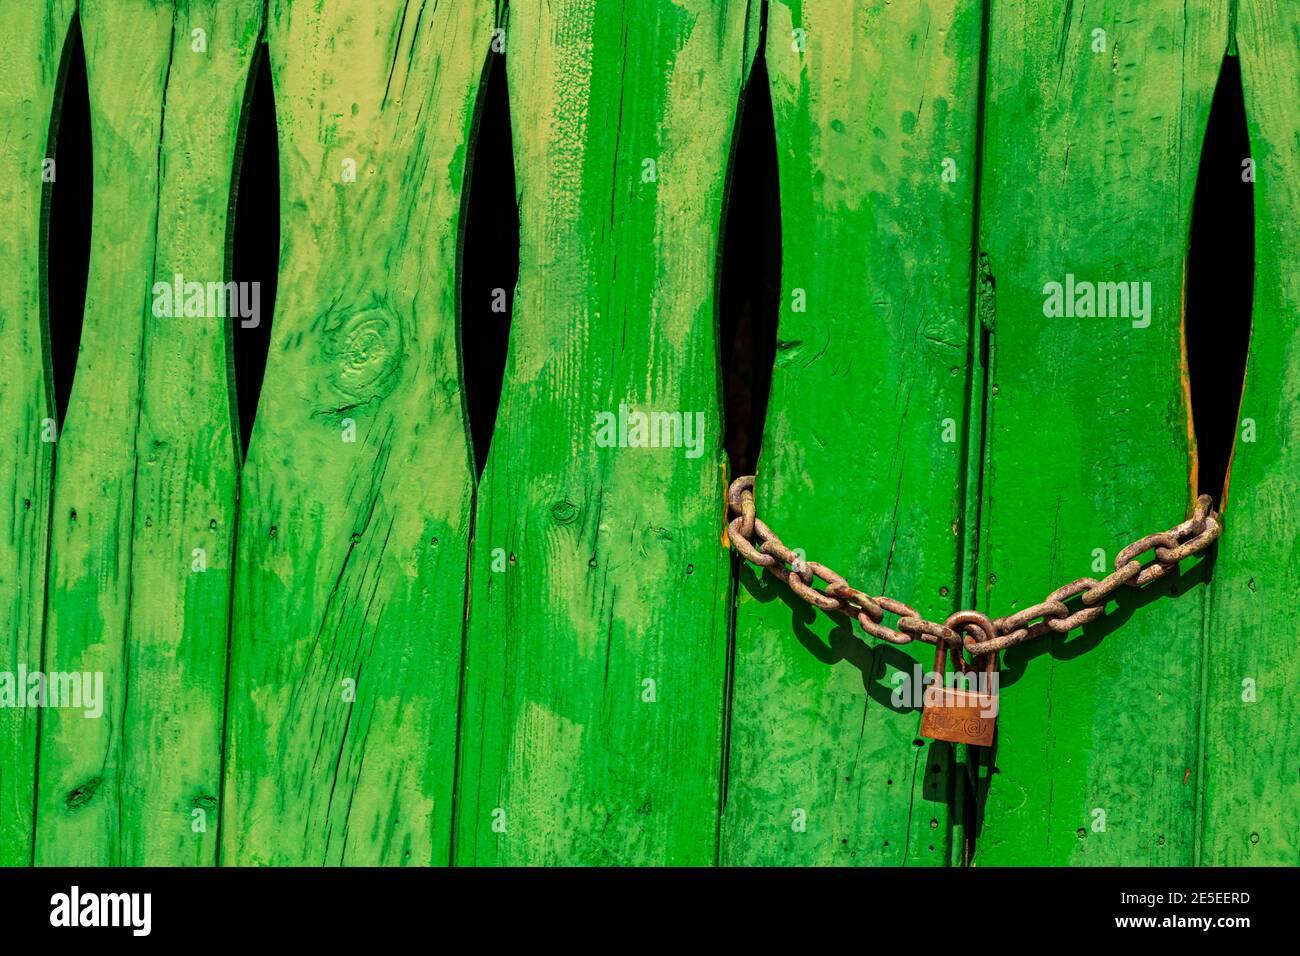 Puerta verde en la pared de piedra con cerradura en Cala Figuera Mallorca España. Foto de stock